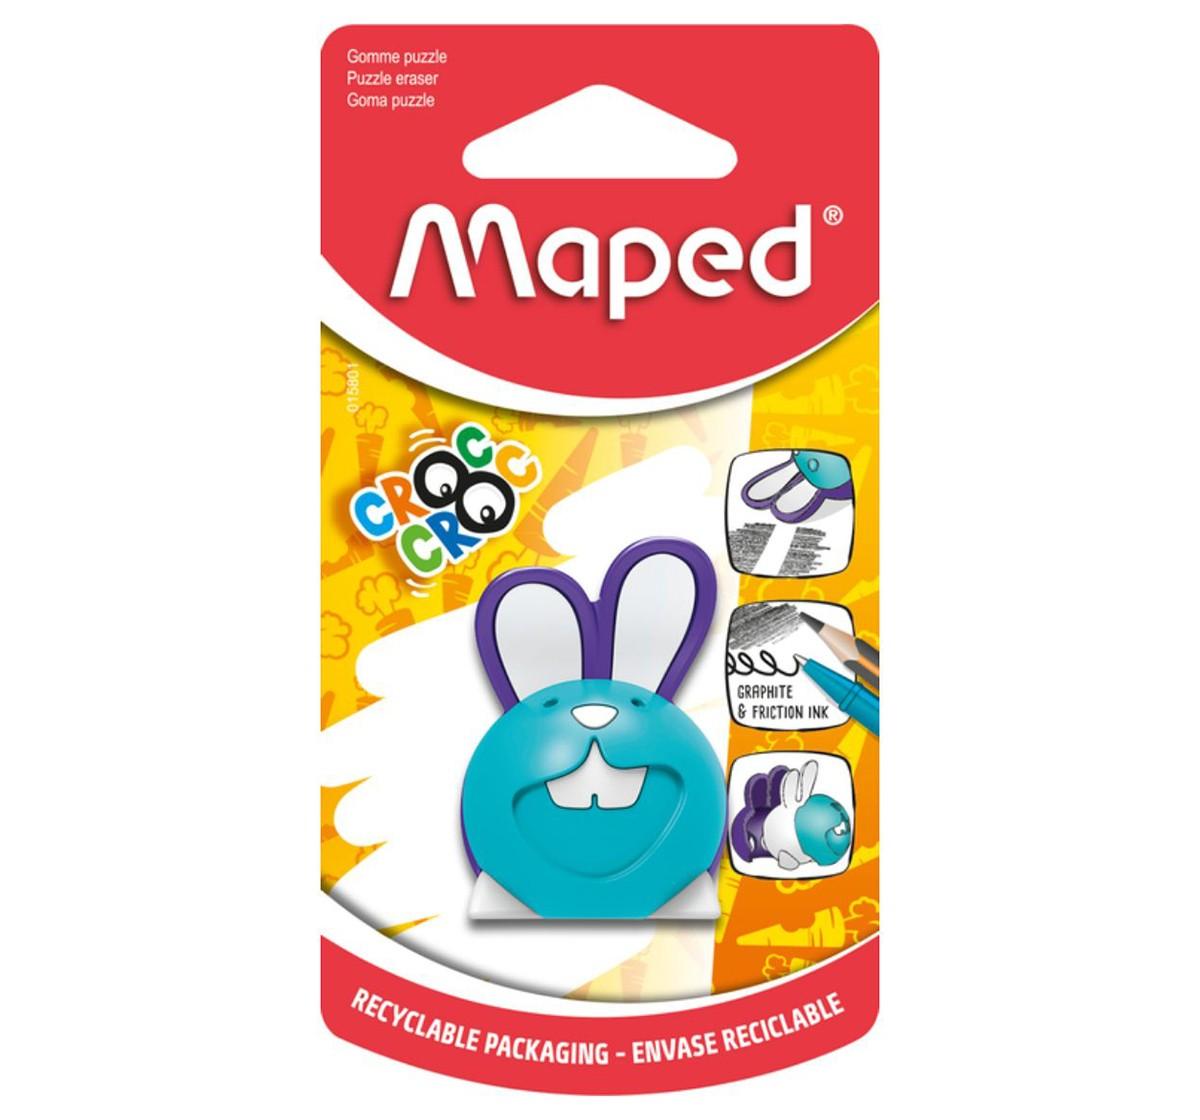 Maped Croc Puzzle Bunny Eraser, Unisex 7Y+ (Multicolour)